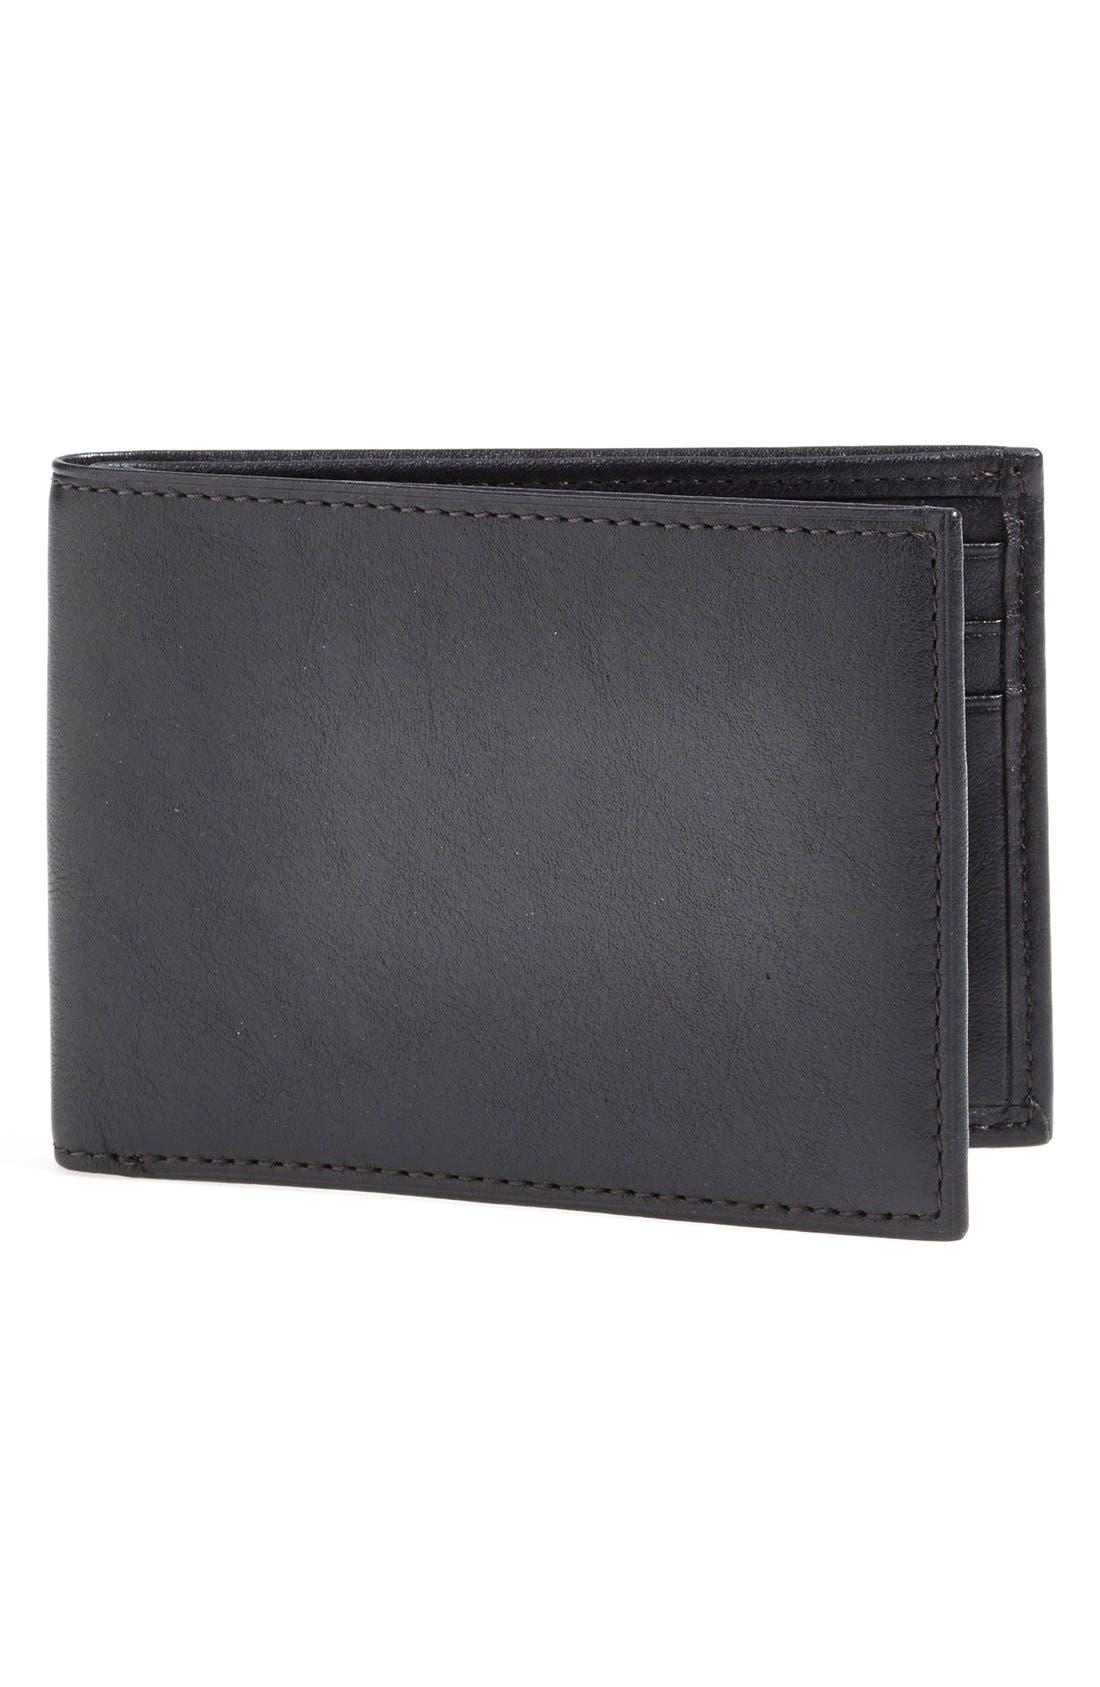 Small Bifold Wallet,                             Main thumbnail 1, color,                             001